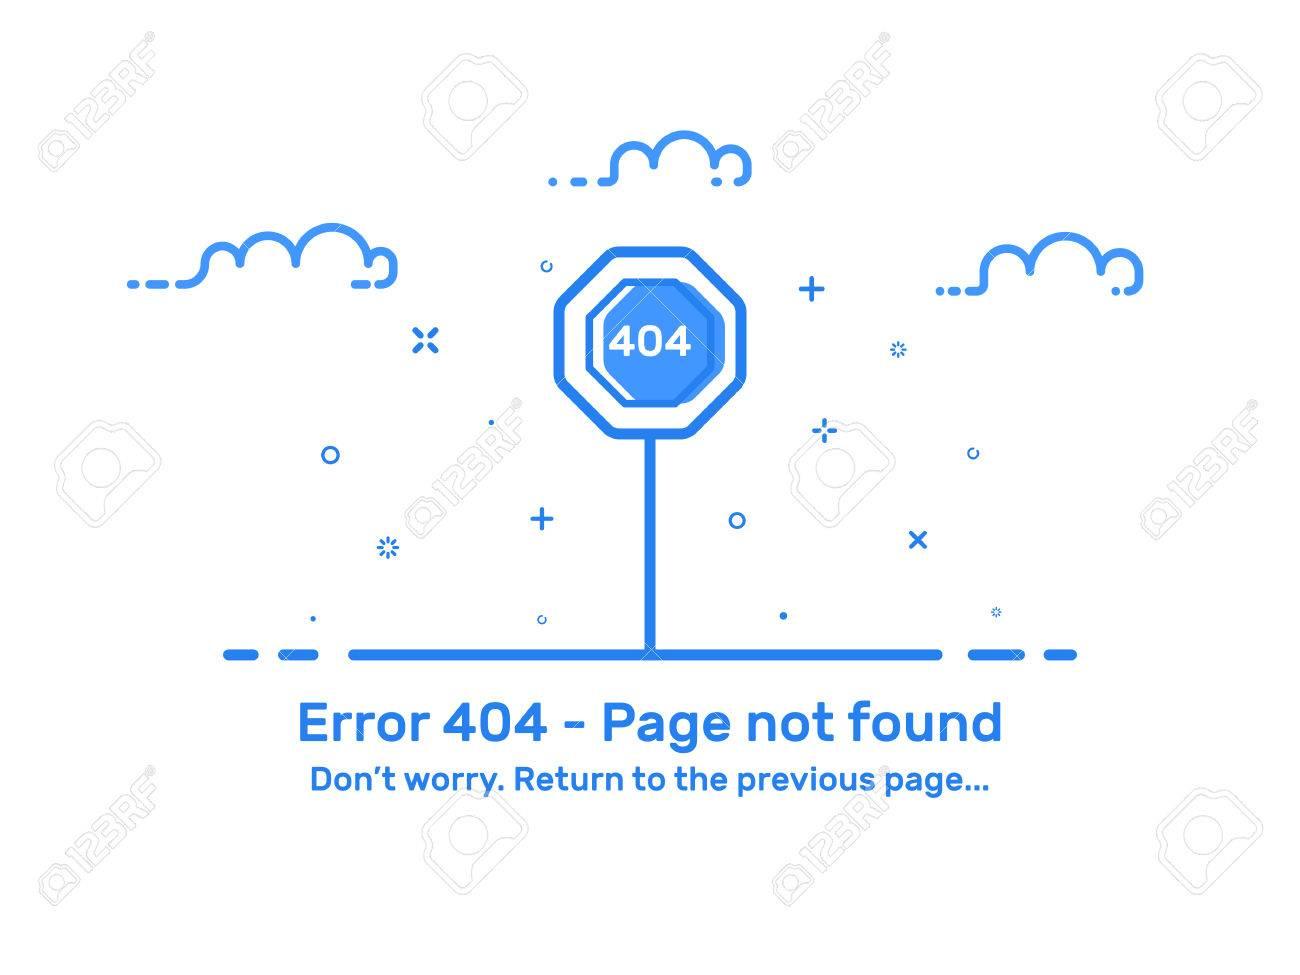 Tolle Website Hintergrundvorlagen Ideen - Entry Level Resume ...